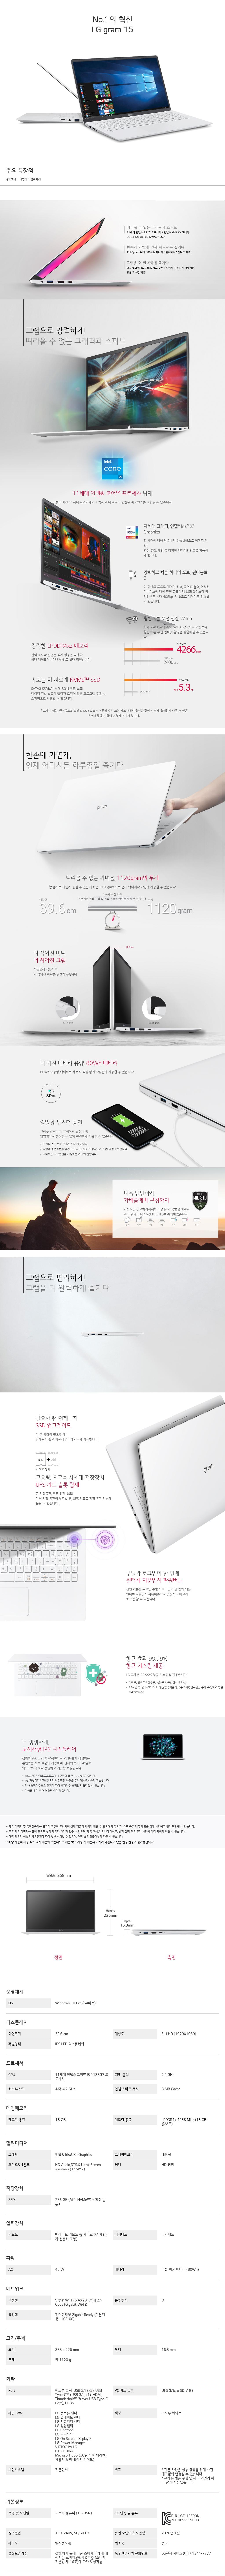 [LG전자] 2021 그램 15형 15Z95N [i5-1135G7/RAM 16GB/NVMe 256+256GB 업그레이드/내장그래픽 /Win 10 Pro]